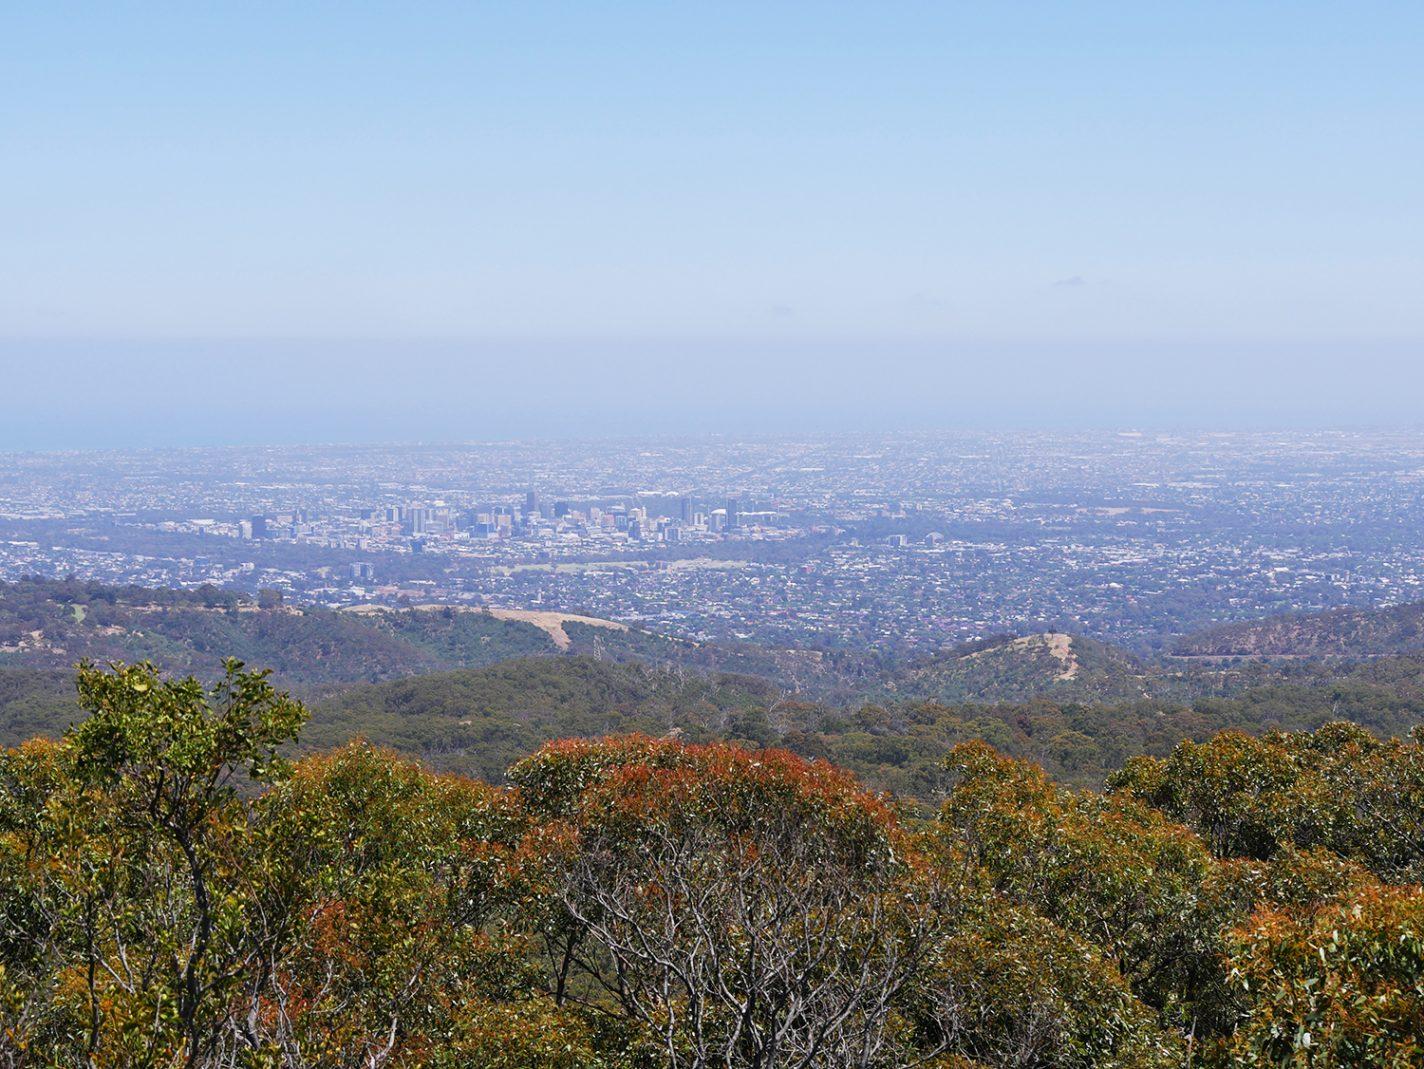 Prachtig uitzicht op de stad Adelaide